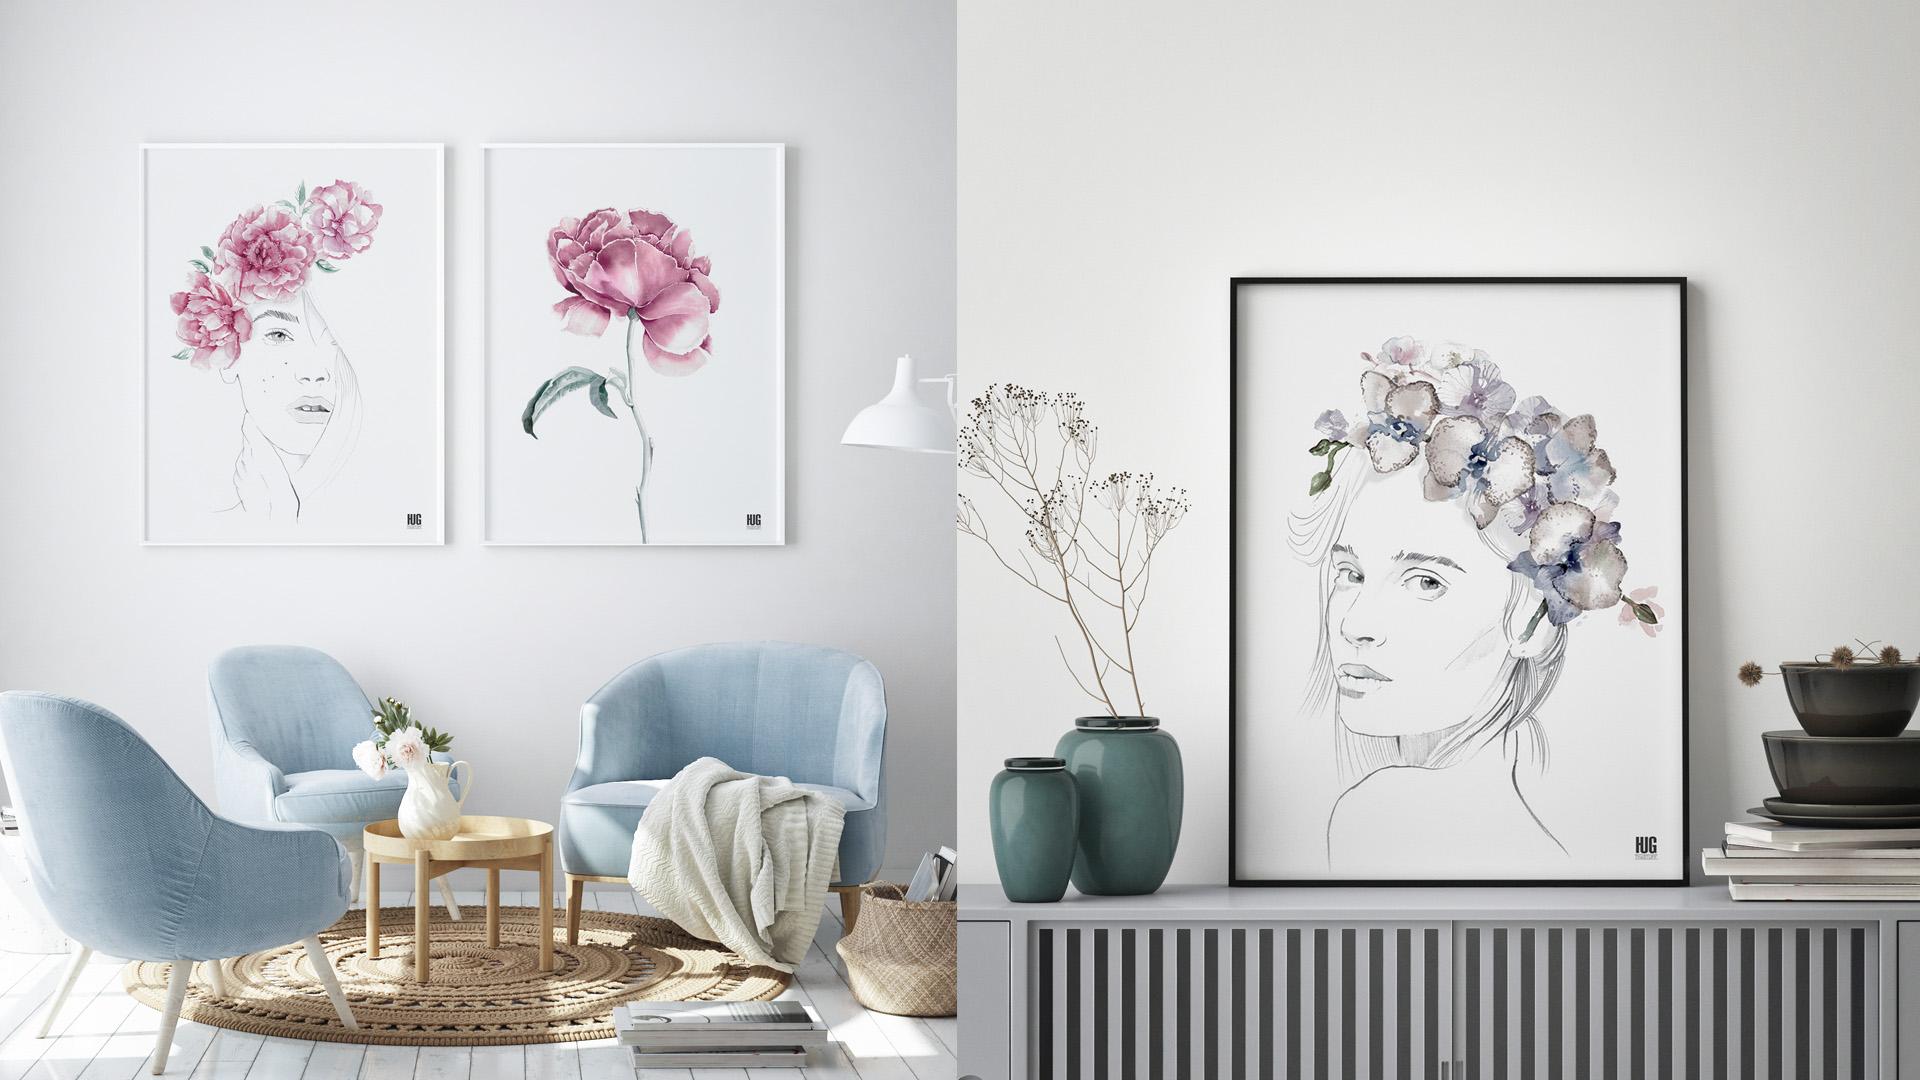 slajder-kwiaty-kobiety